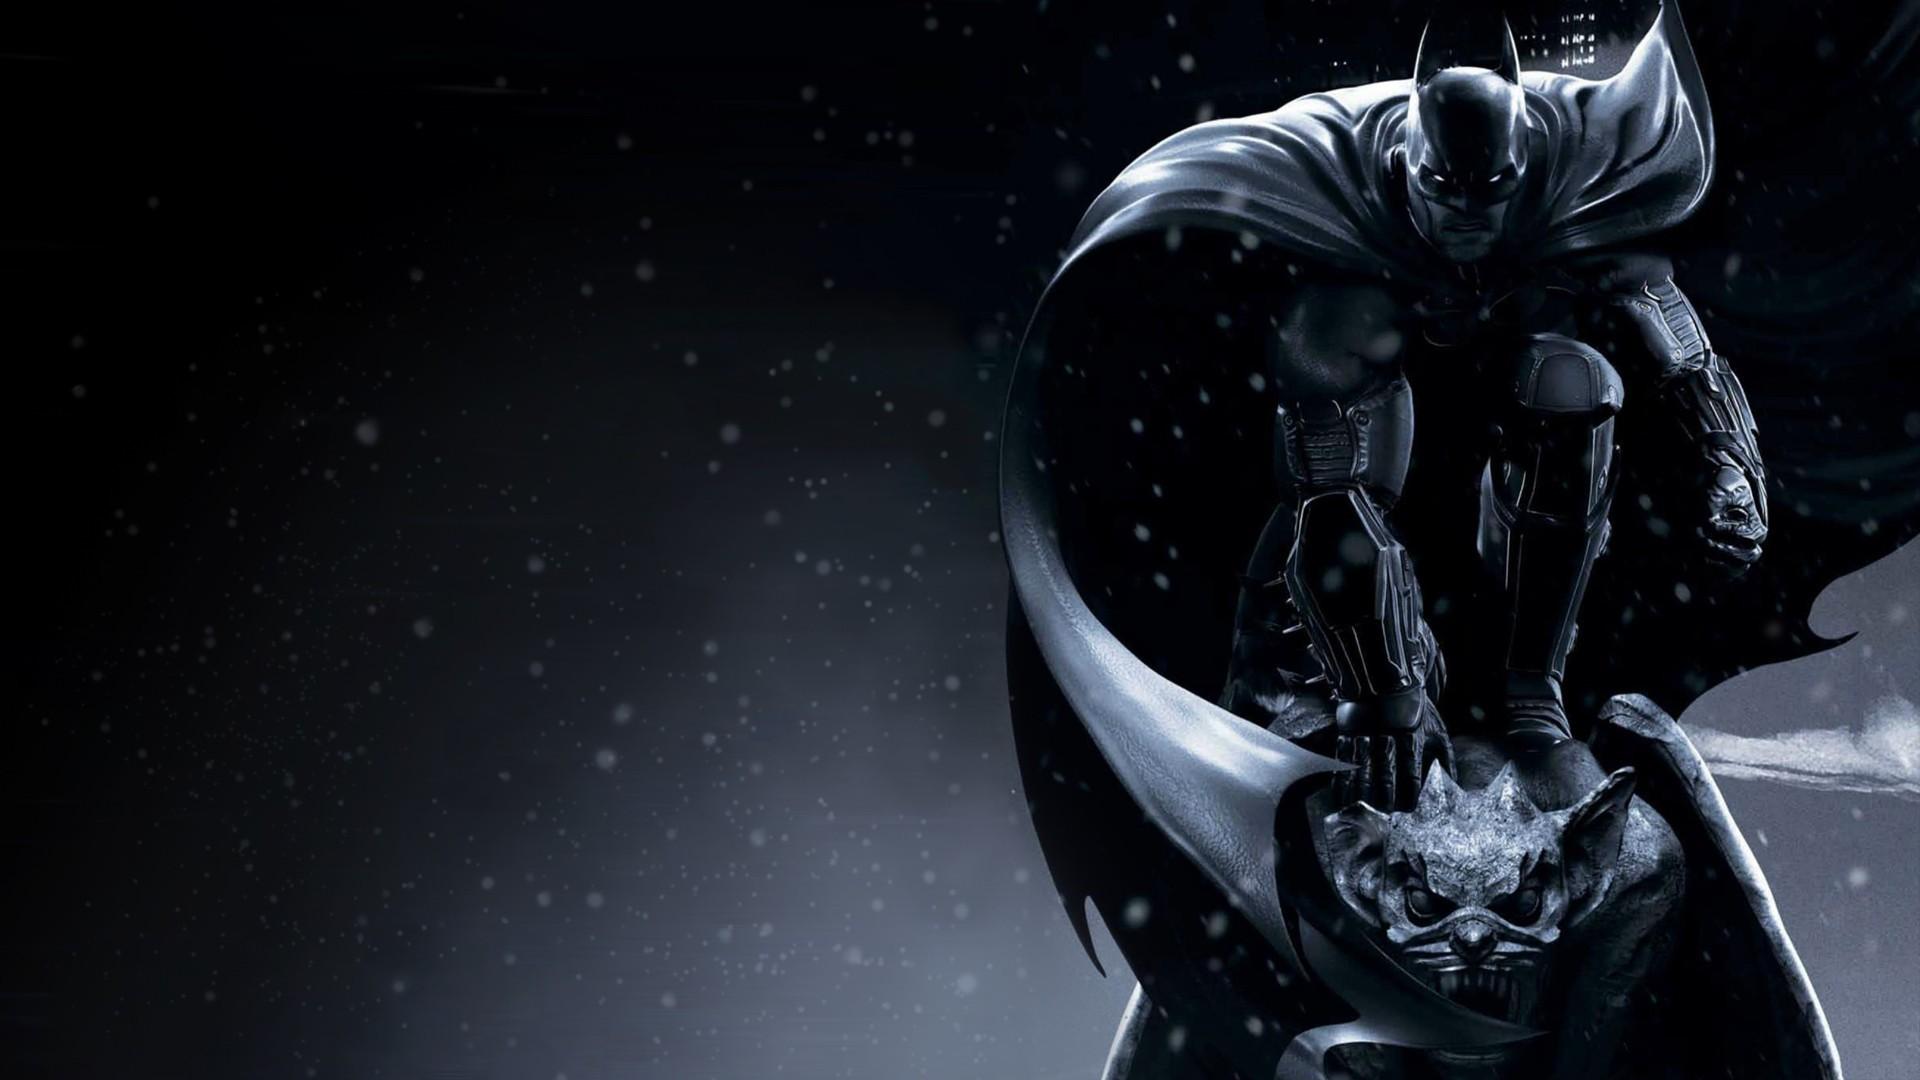 Warner Bros. Confirms New Batman Movie